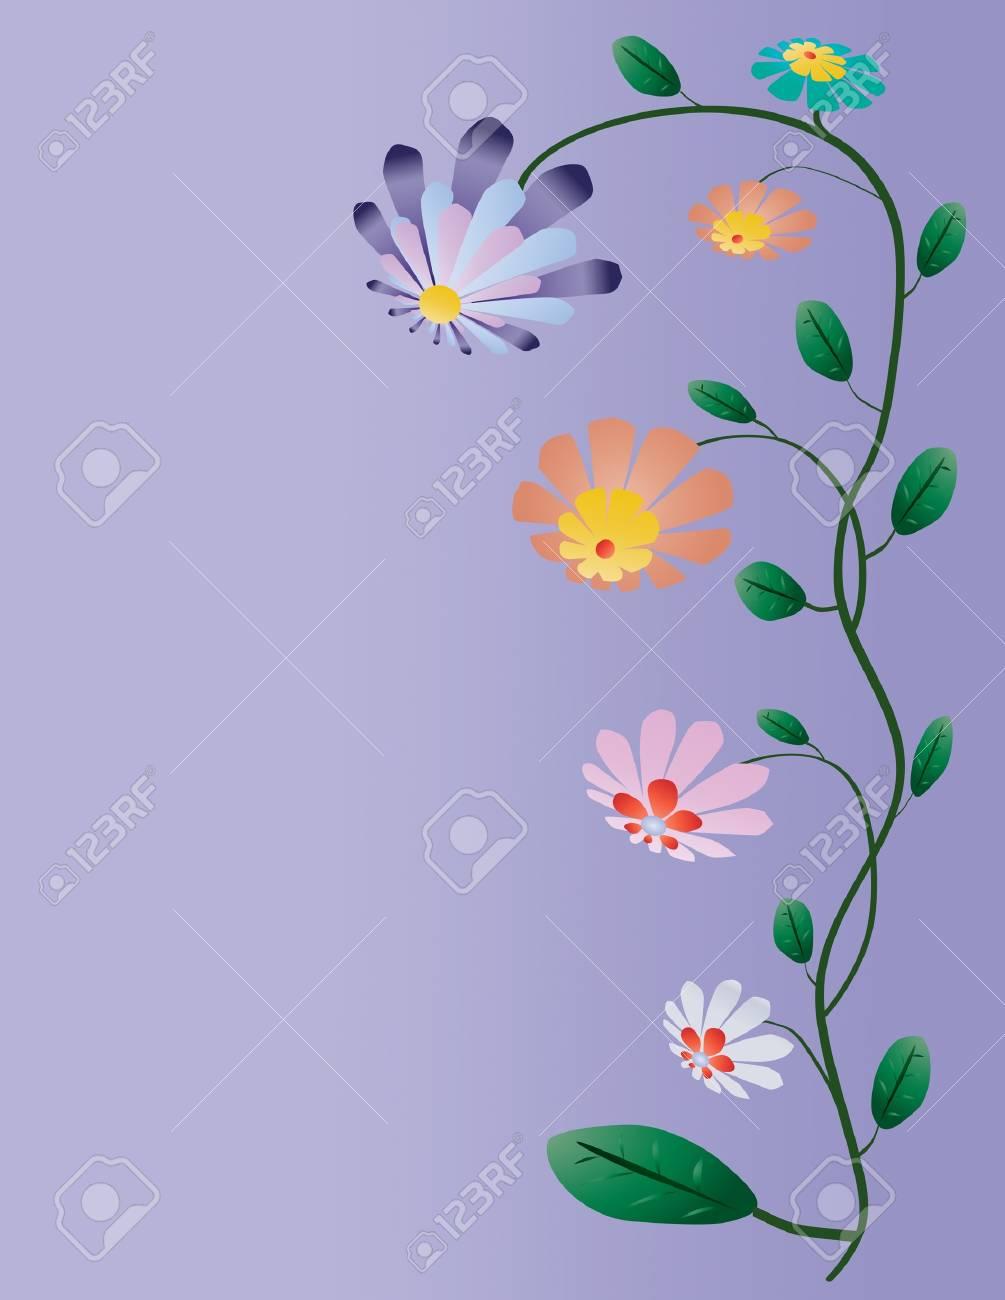 Vettoriale Bellissimo Albero Di Colore Fiori Su Sfondo Blu Image